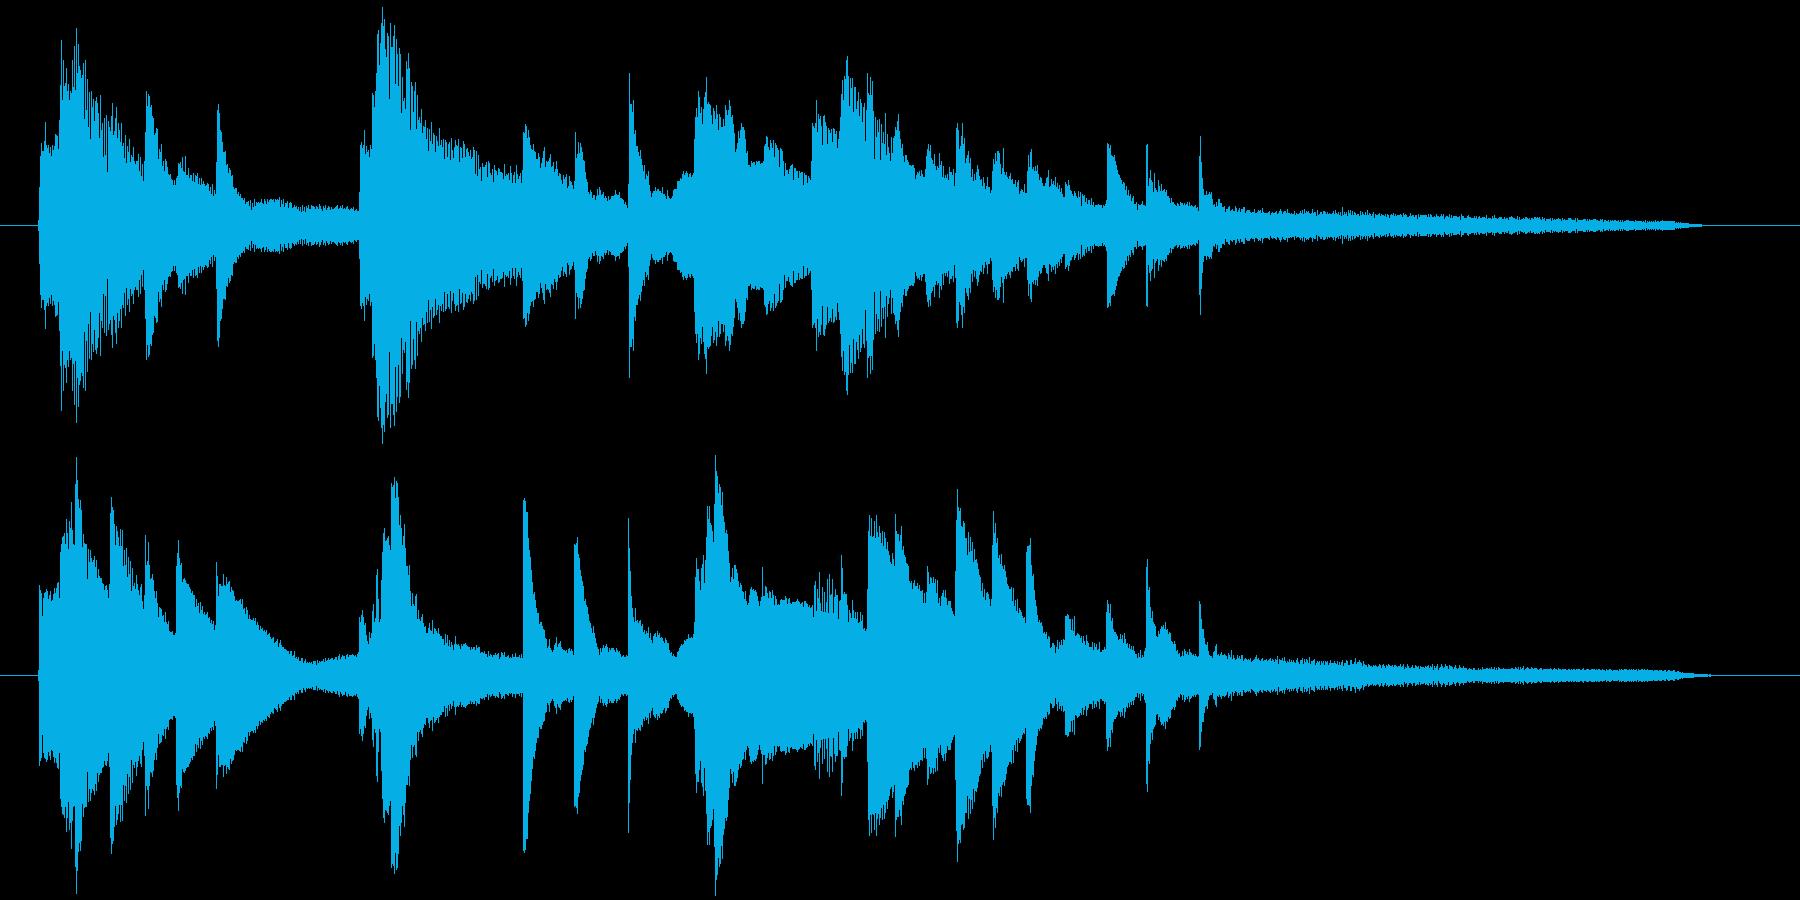 ゲームオーバージングル、ピアノ高音が特徴の再生済みの波形